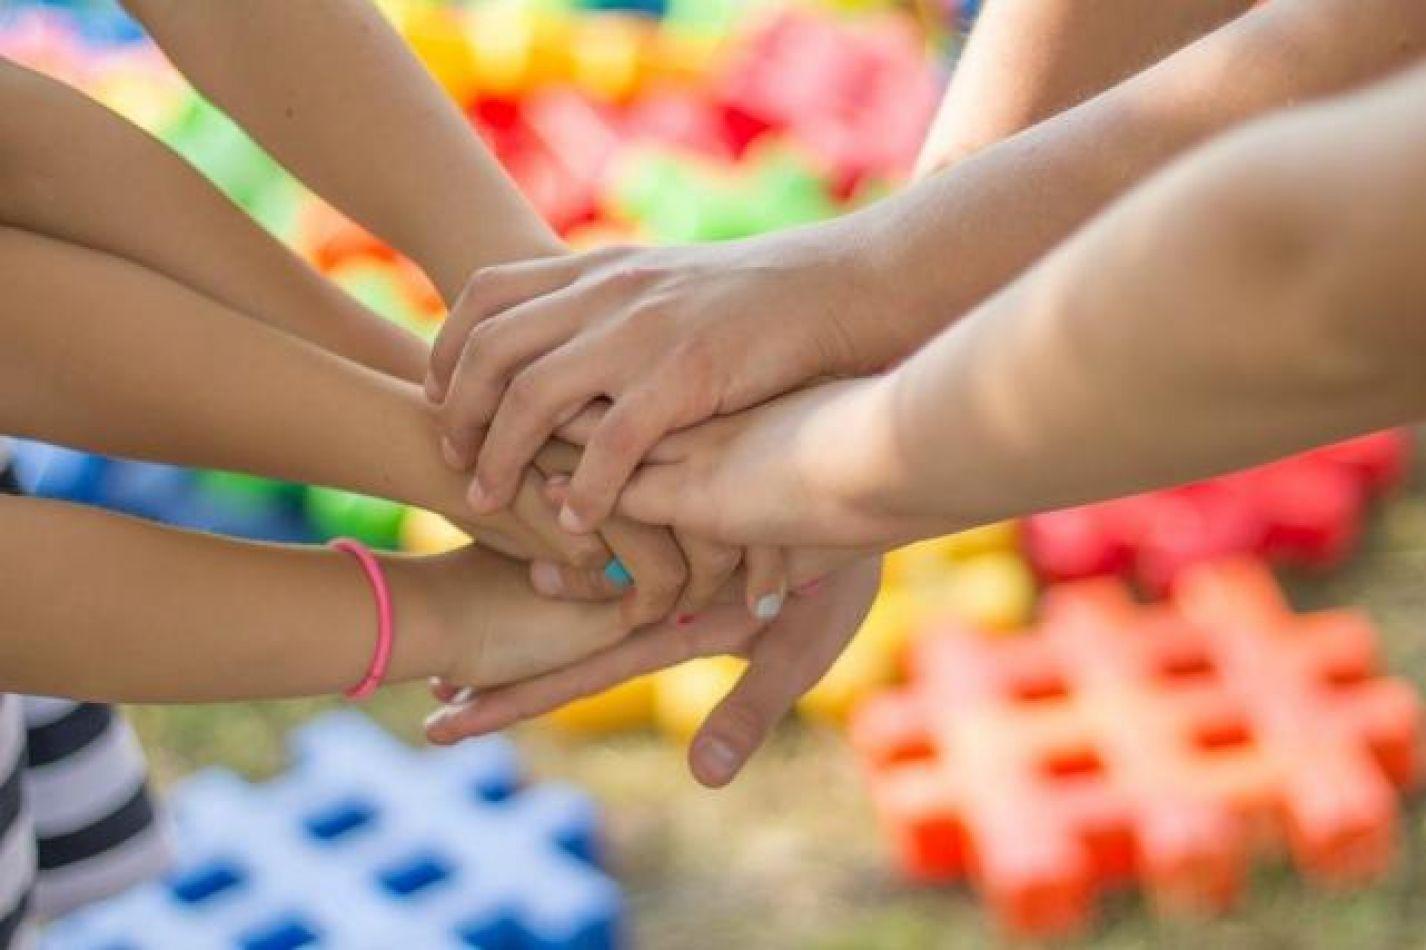 Se abrió una convocatoria pública para la adopción de 6 hermanos salteños